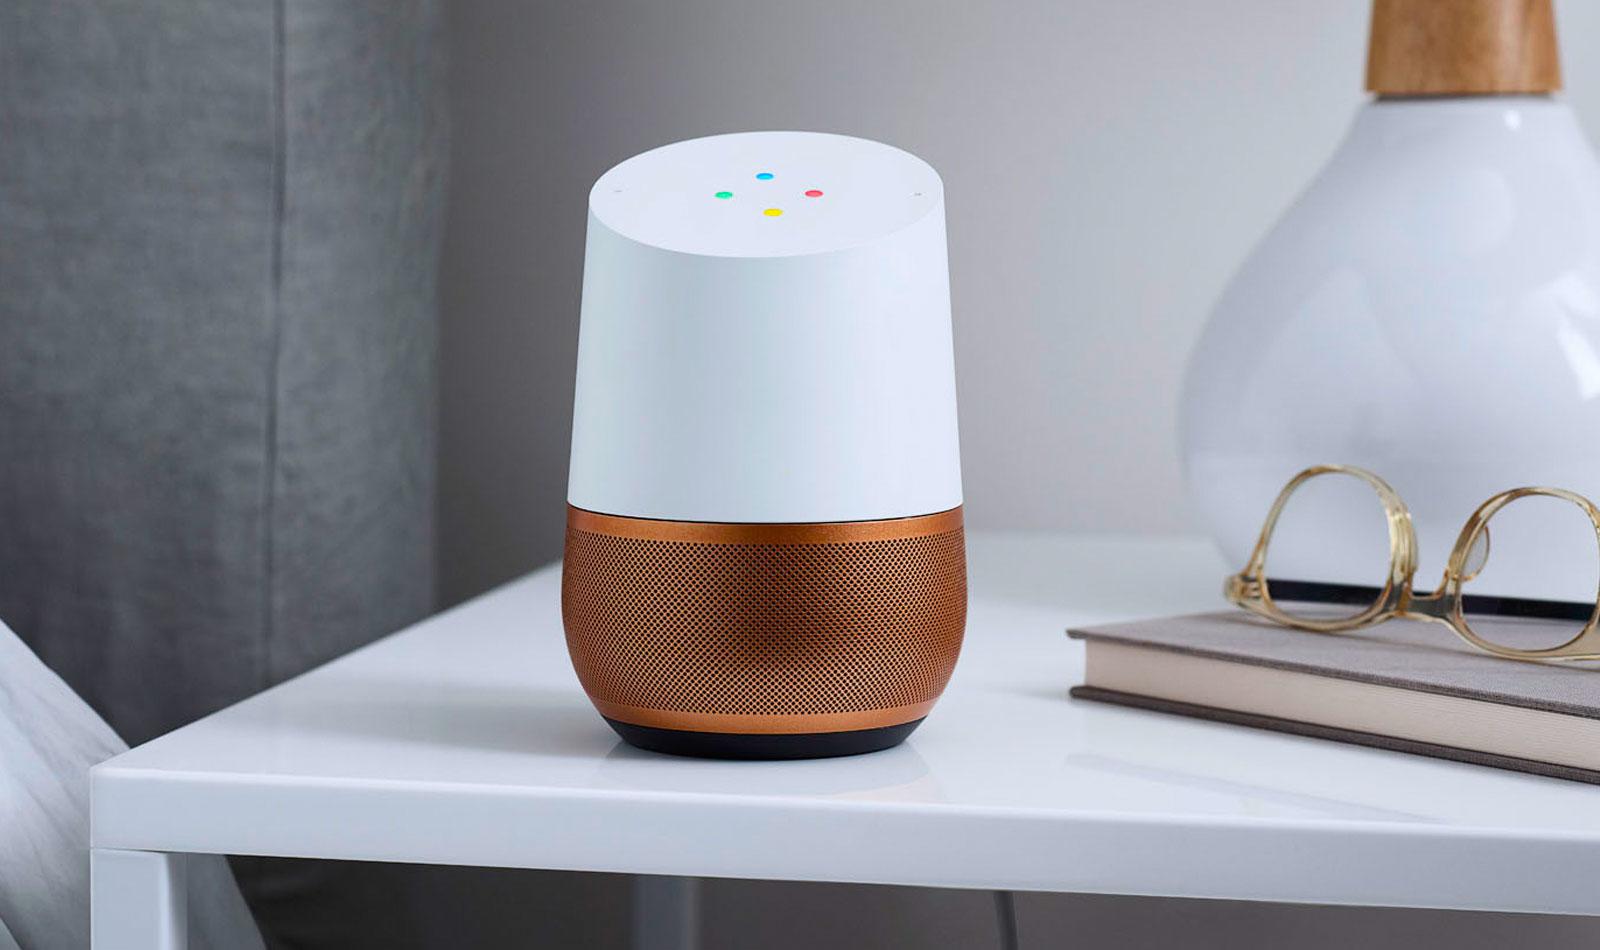 Imagem de Já é possível realizar chamadas telefônicas usando apenas o Google Home no tecmundo